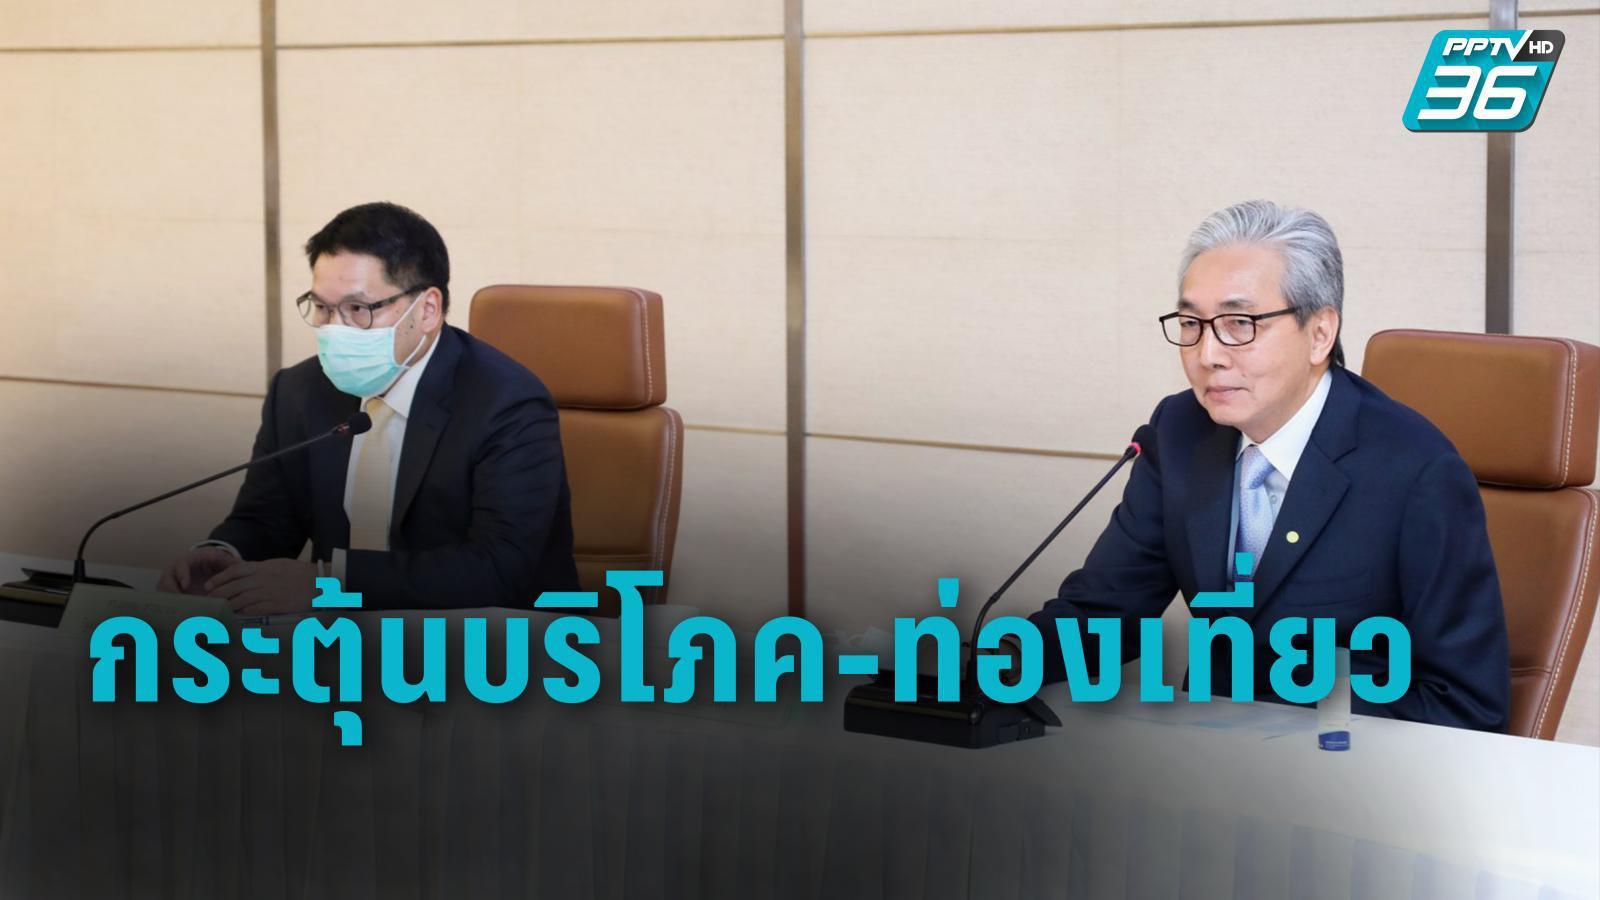 """""""สมคิด"""" ผุด กระตุ้นบริโภค-ท่องเที่ยวในประเทศ พยุงเศรษฐกิจไทยครึ่งปีหลัง"""